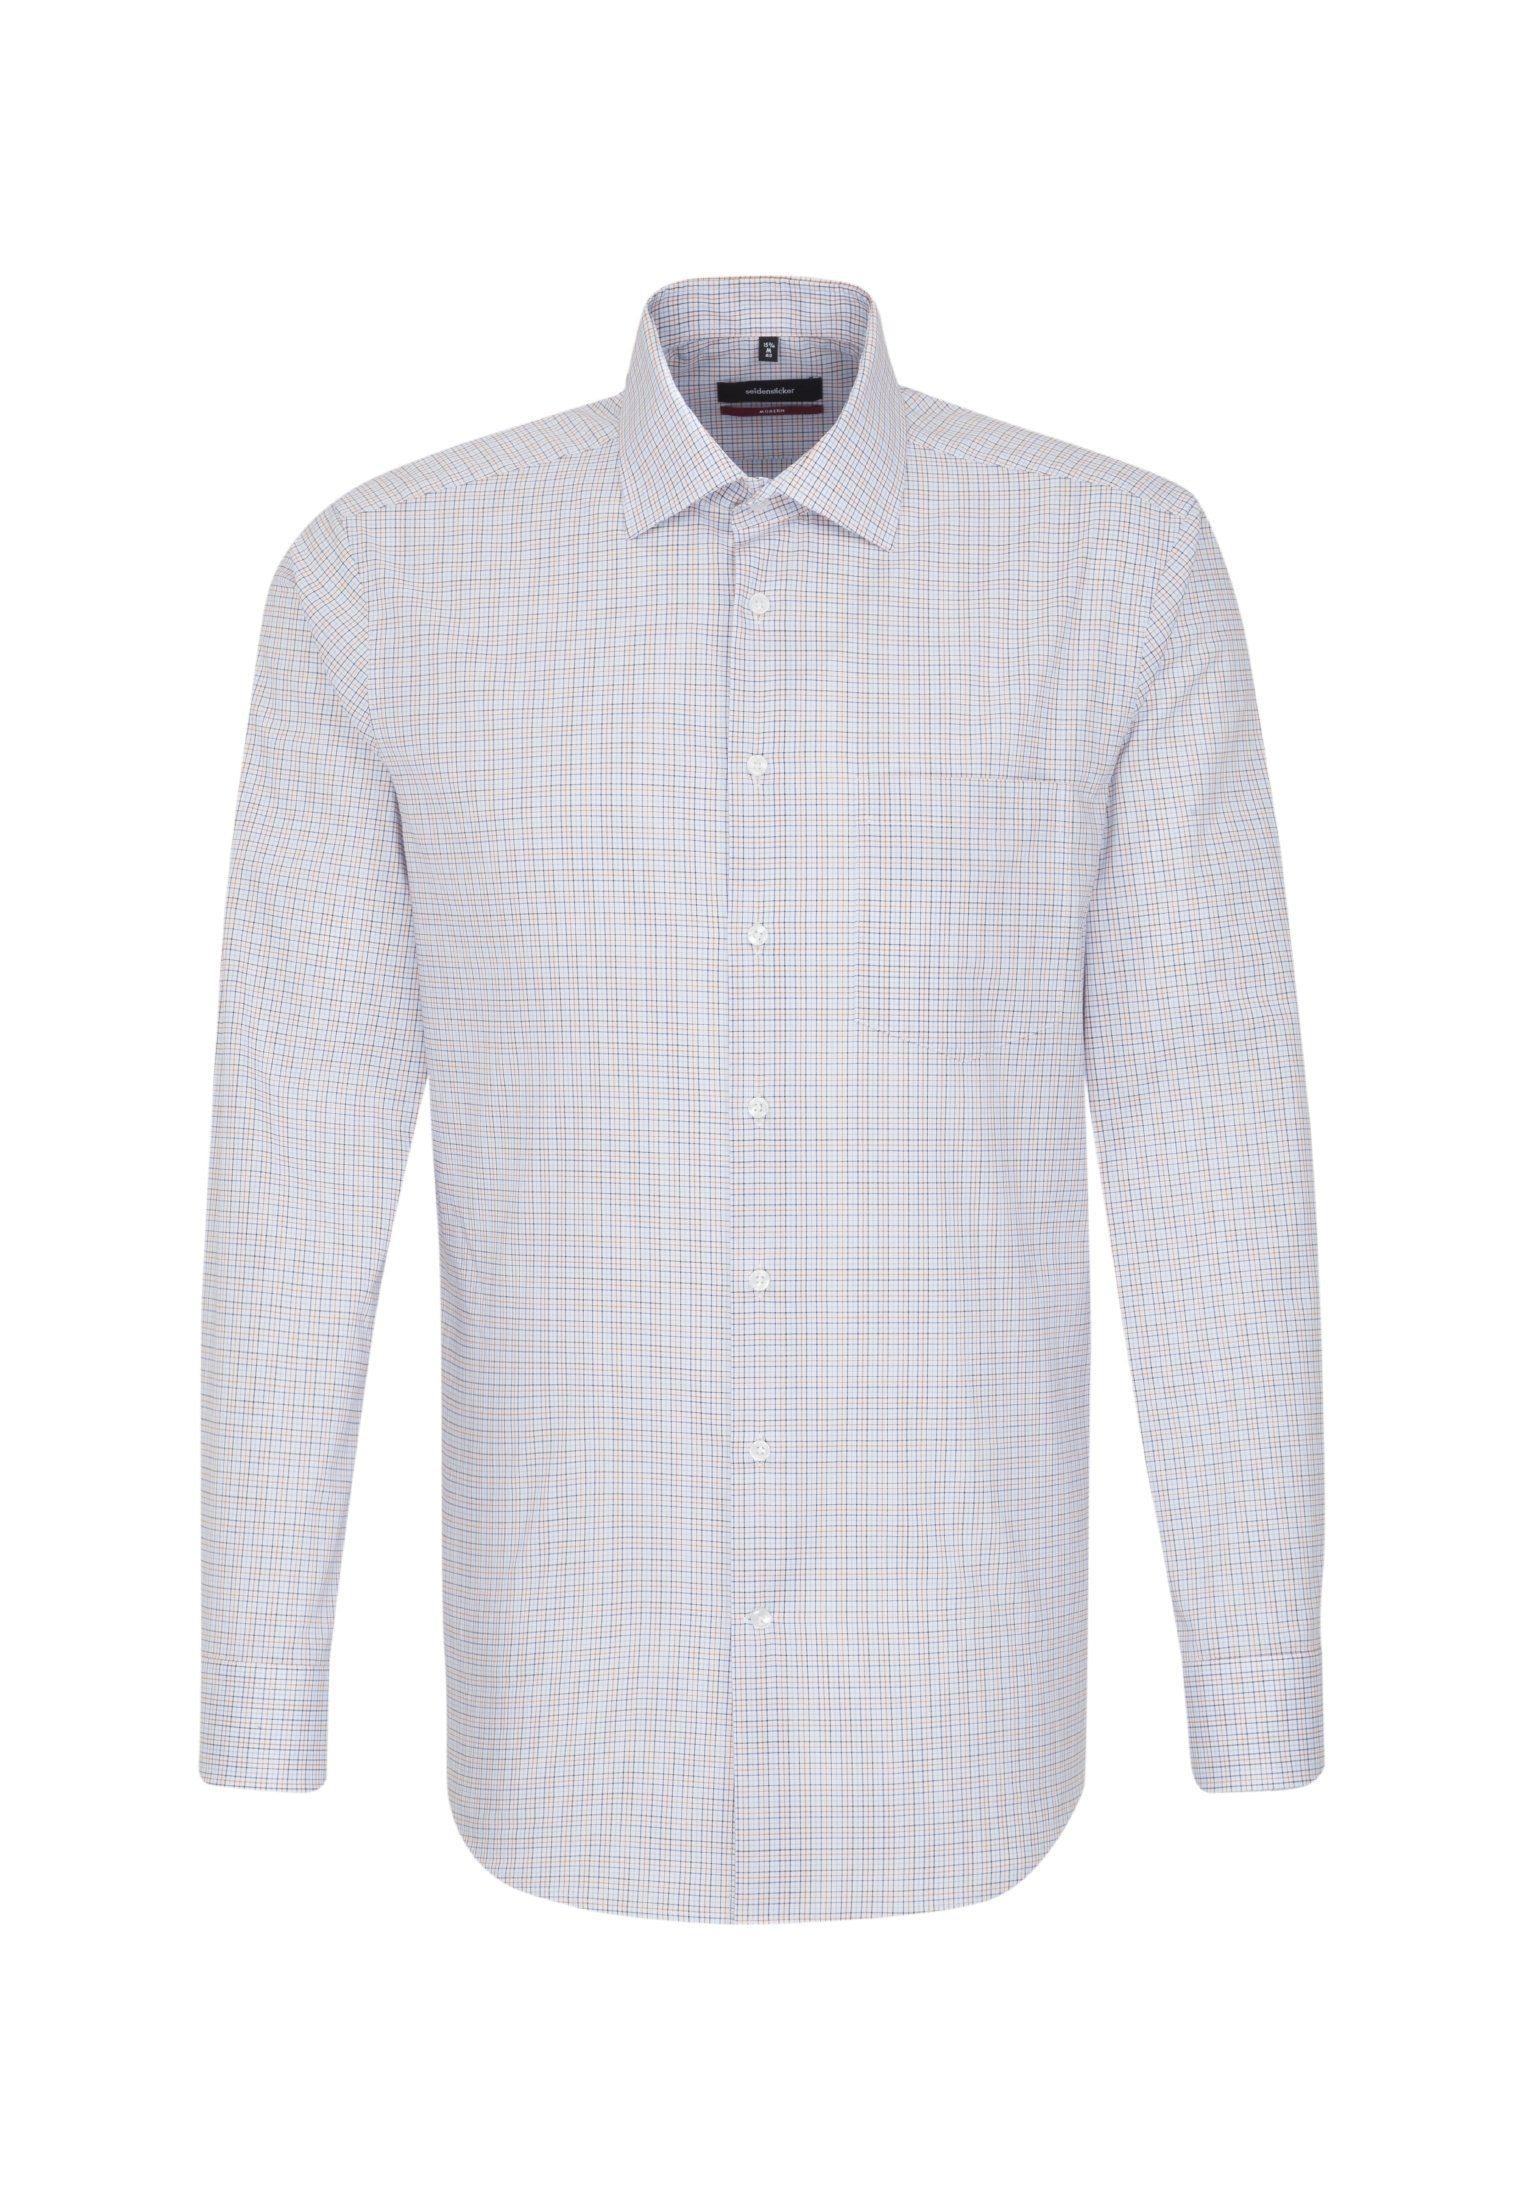 Kaufen Seidensticker »modern« Langarm Karo Modern Online Businesshemd Kentkragen PXOukZTi